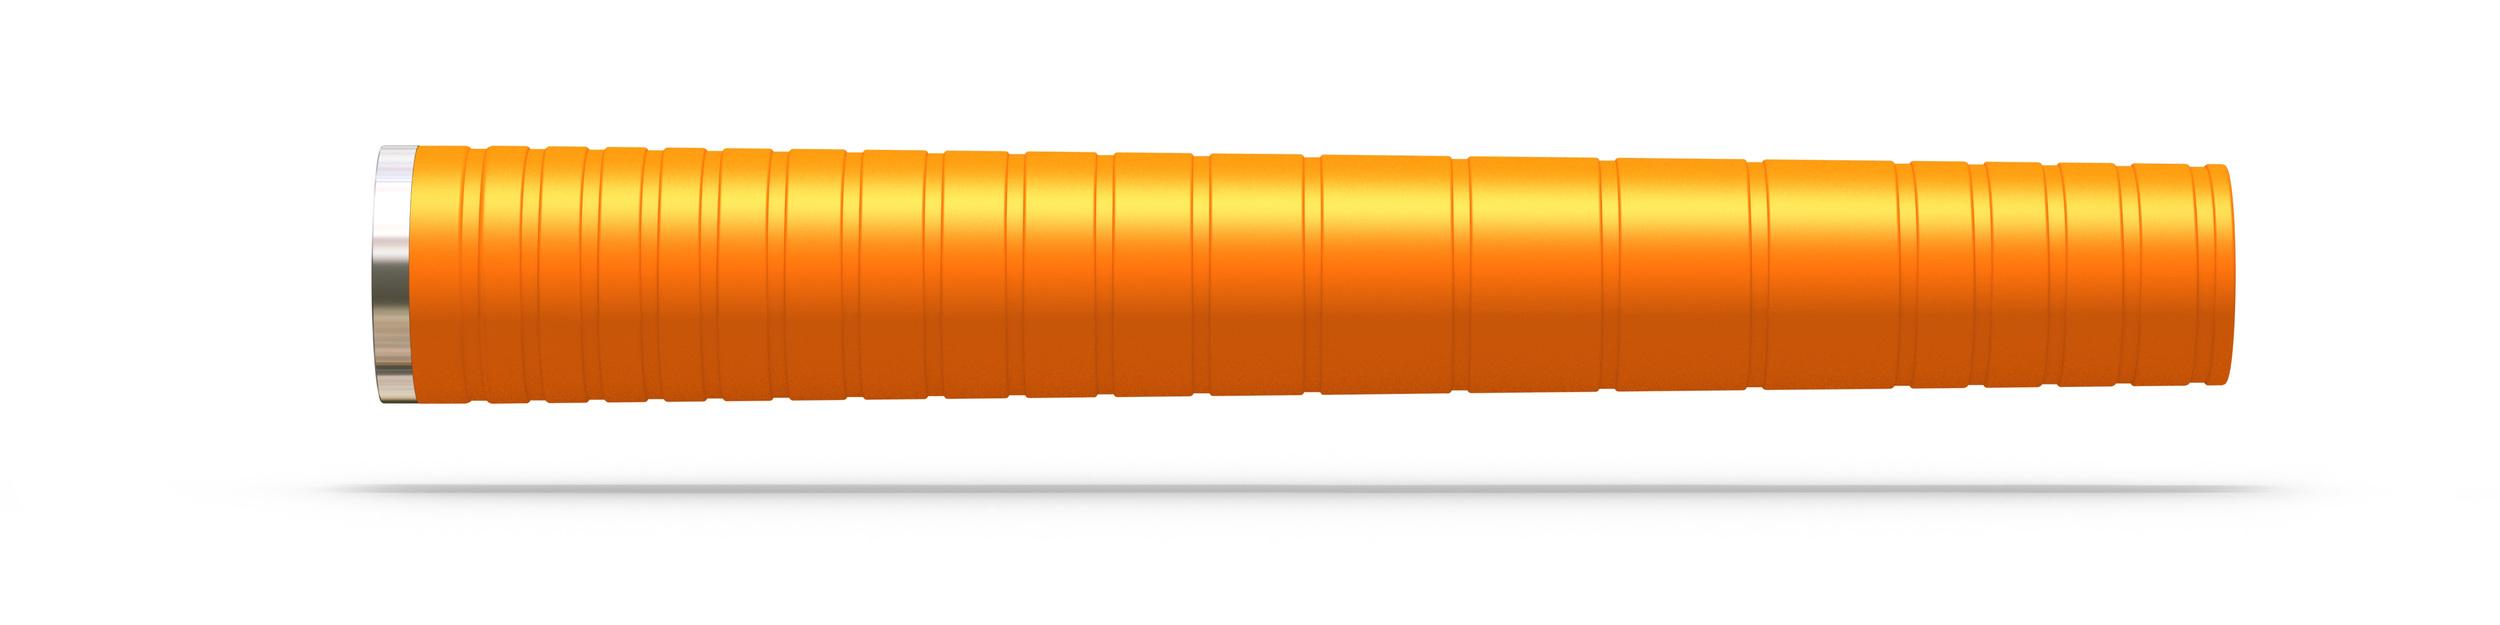 Split bend stiffener